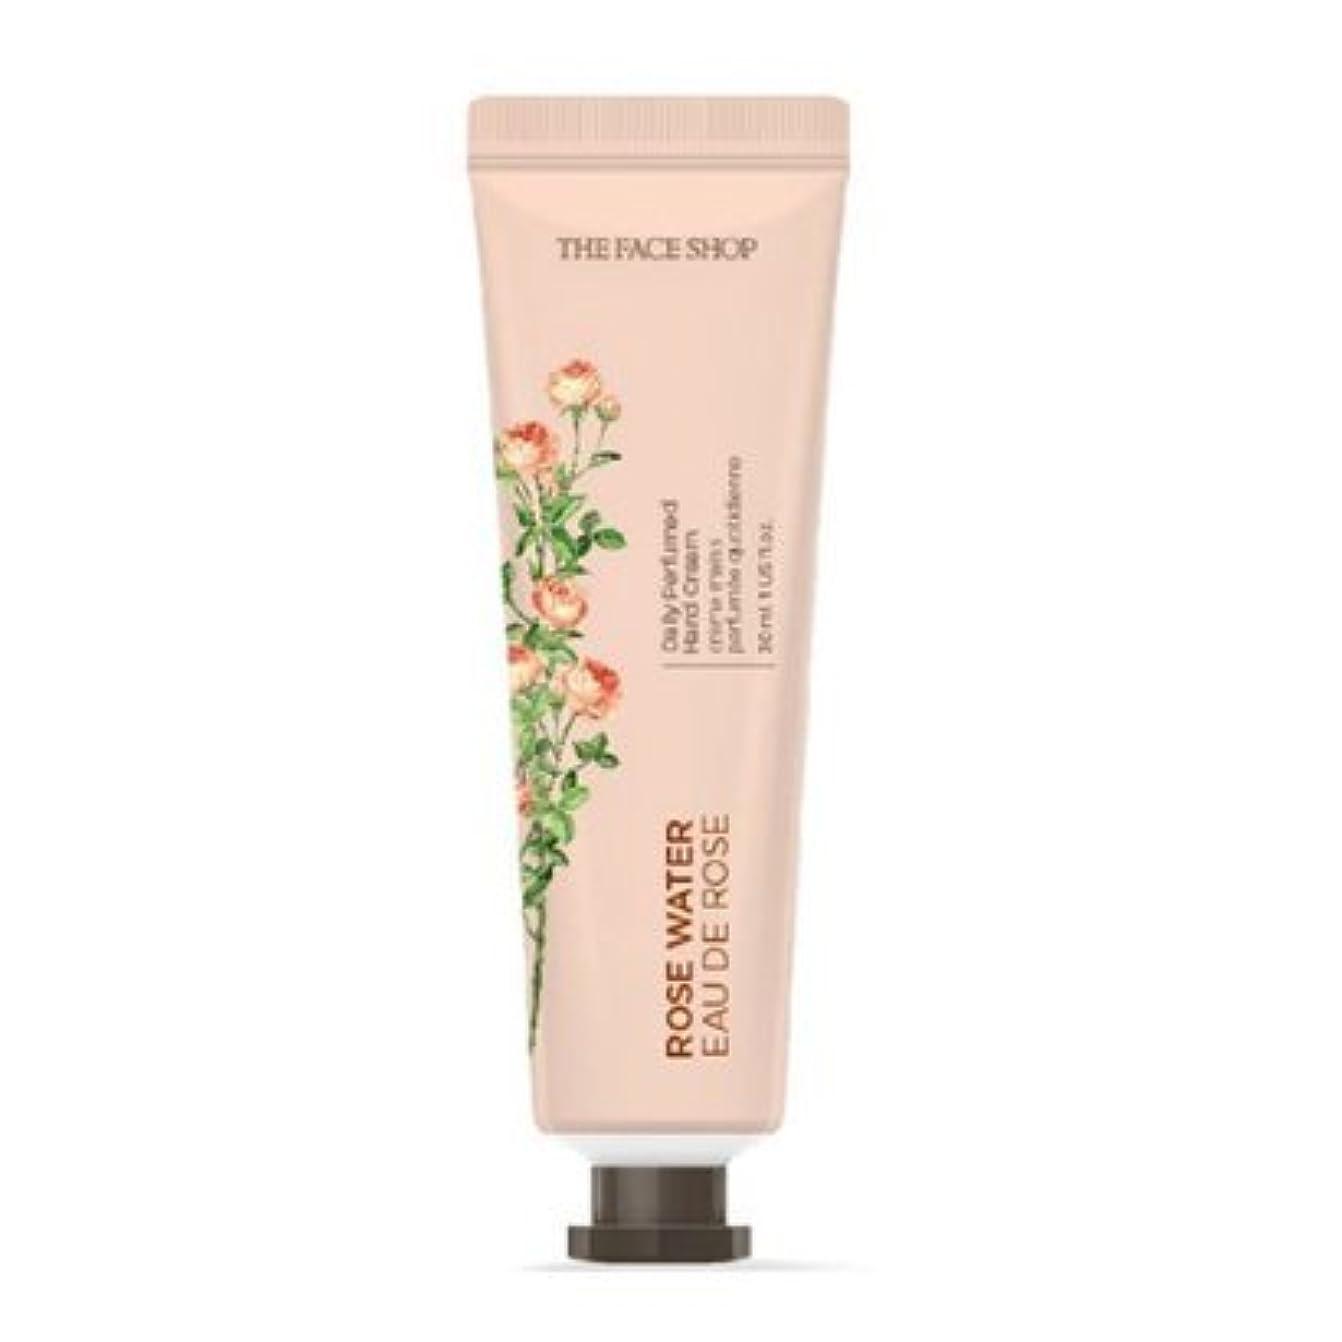 負大工振幅[1+1] THE FACE SHOP Daily Perfume Hand Cream [01.Rose Water] ザフェイスショップ デイリーパフュームハンドクリーム [01.ローズウォーター] [new] [並行輸入品]